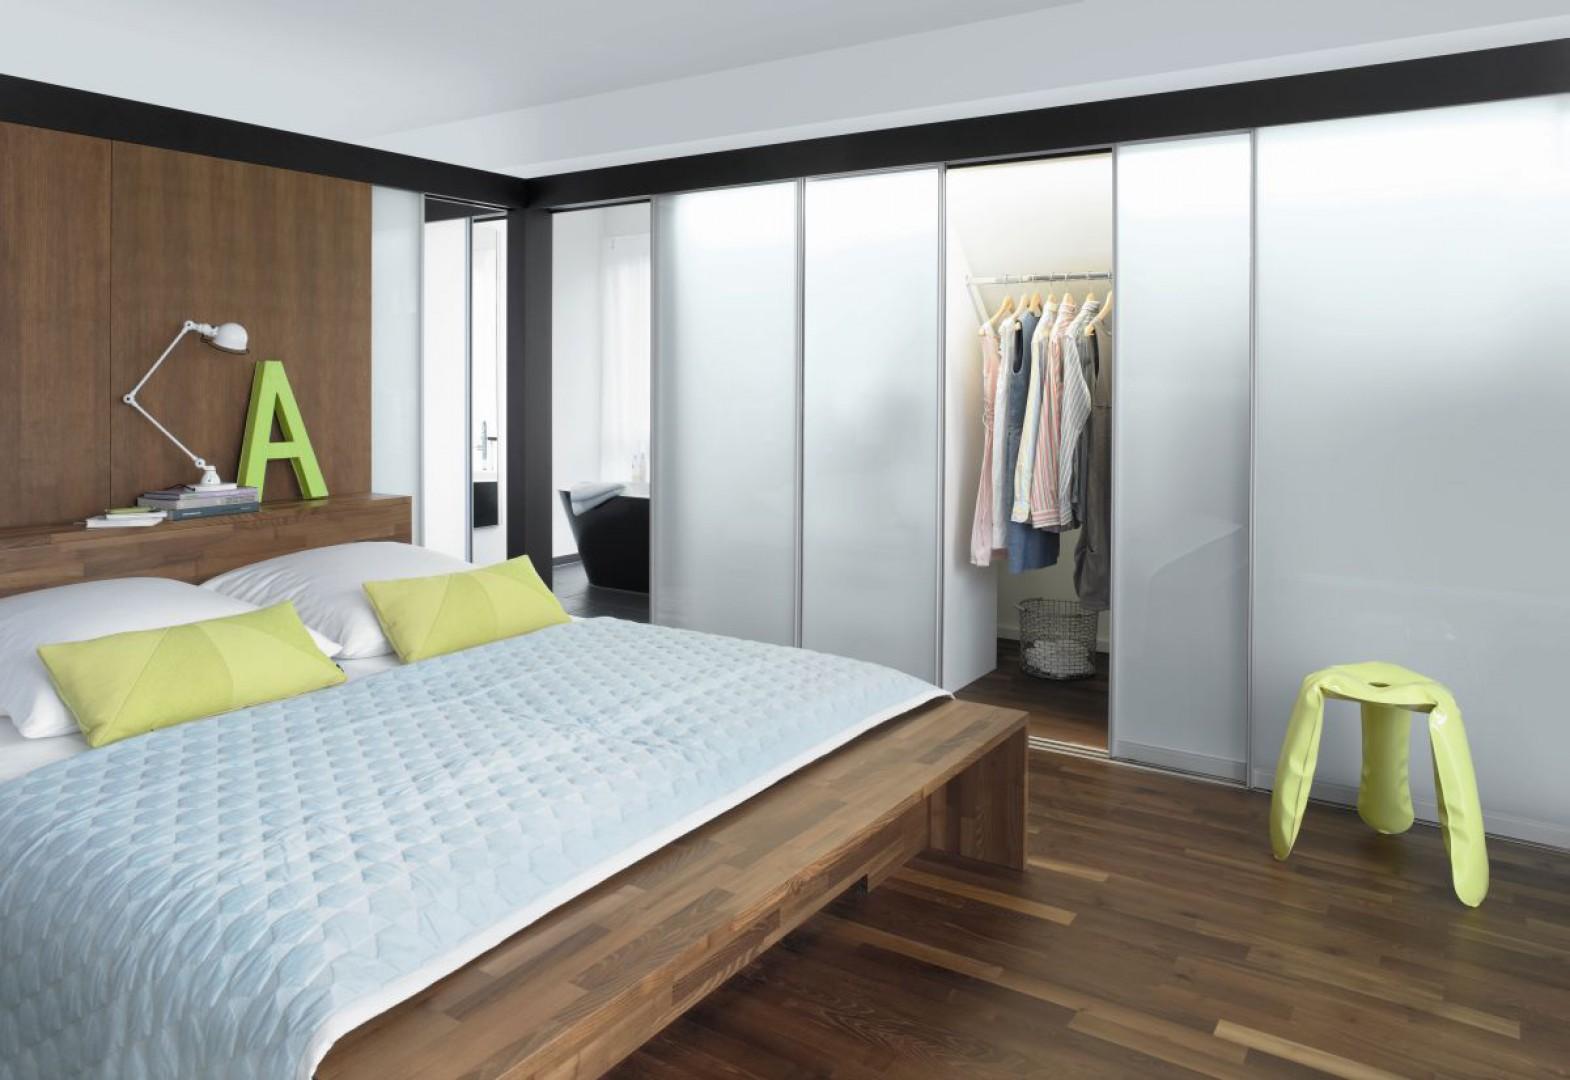 Garderoba z drzwiami S1500  firmy Raumplus. Fot. Raumplus